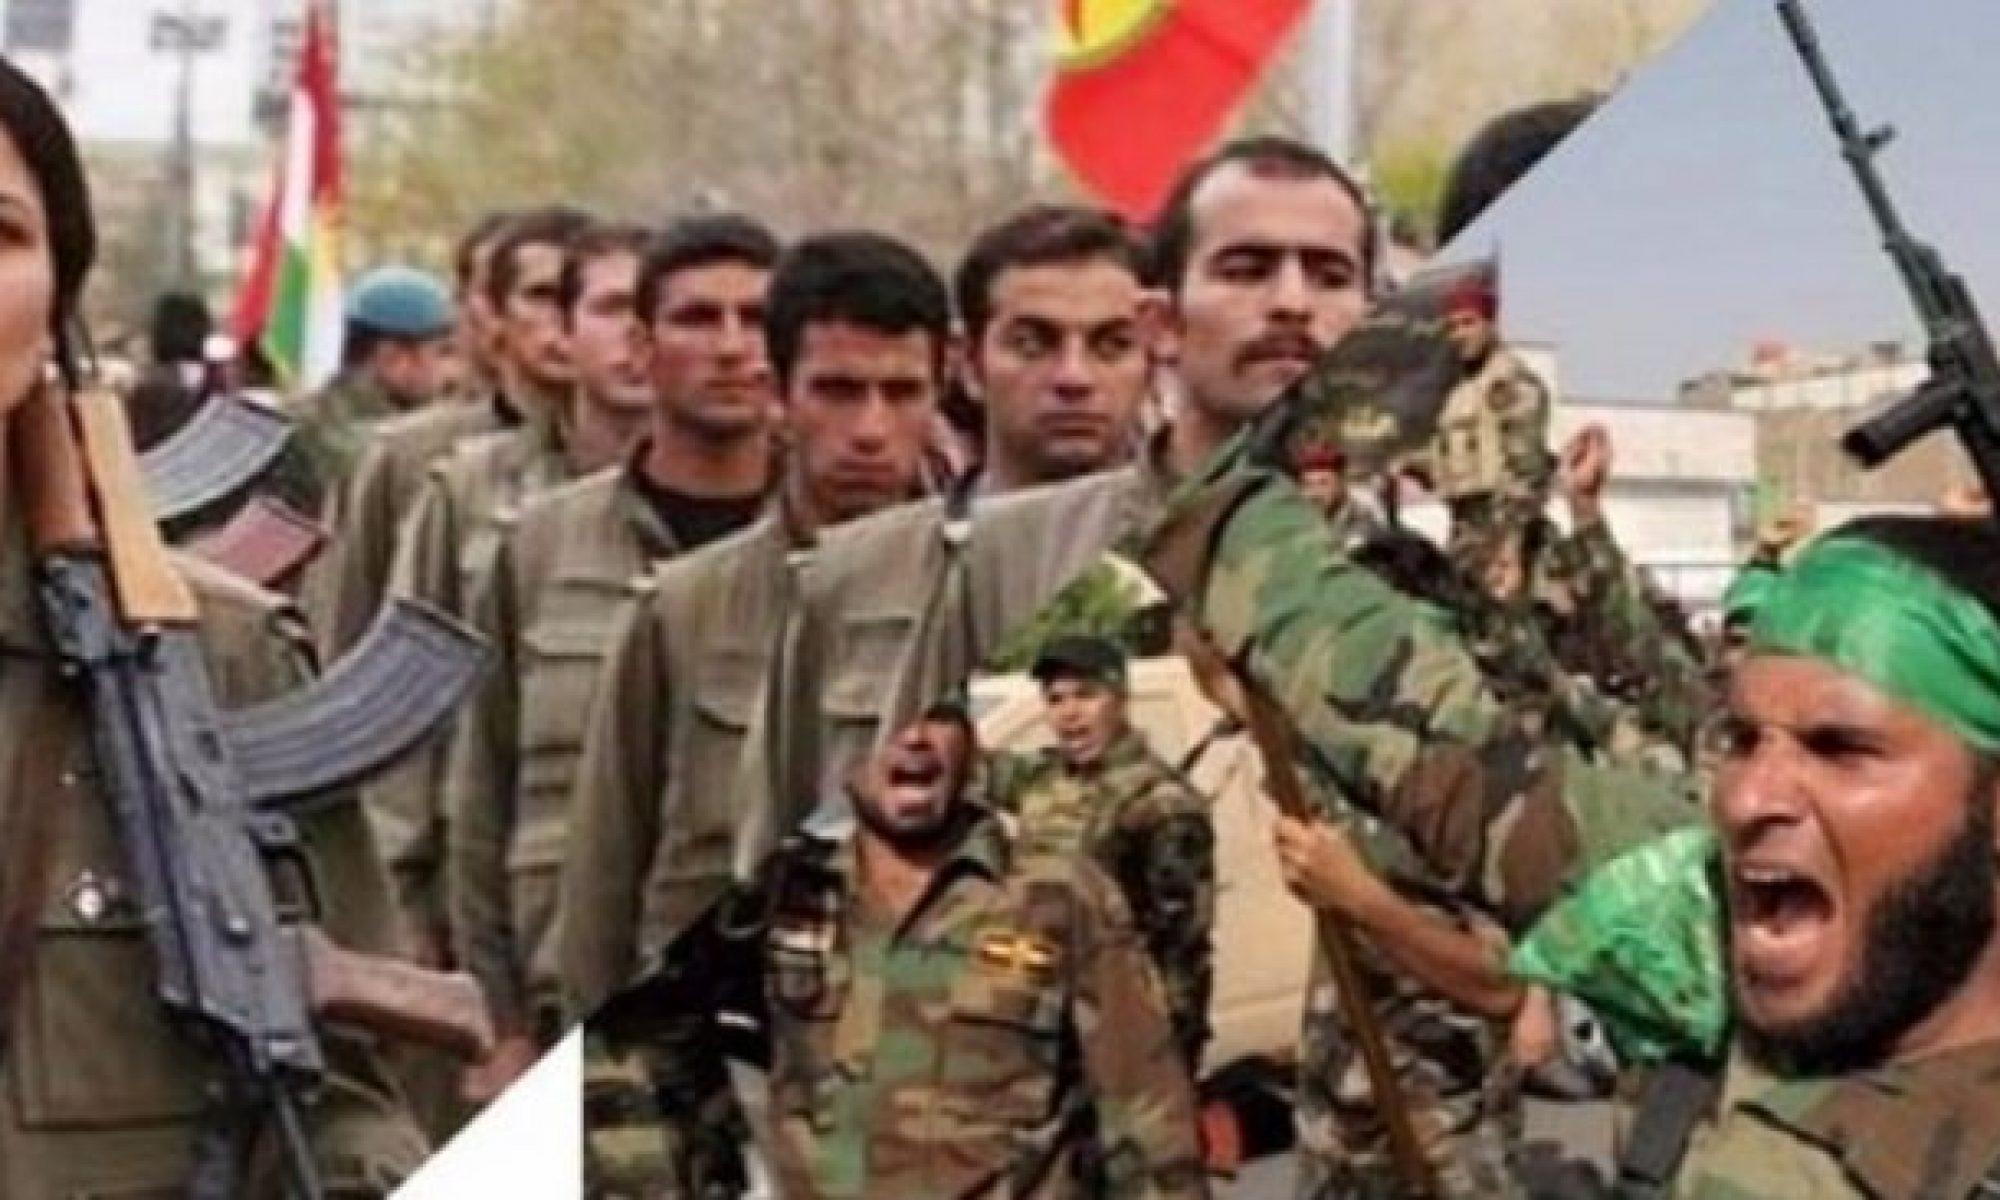 """Şengal'e bağlı Sinûnê Nahiyesi Kaymakamı Nayîf Seydo, Şengal Anlaşması'nın hayata geçmesi gerektiğini,Haşdi Şabi ve PKK güçleri bölgeden çıkmadığı sürece Şengal'de istikrar ve güvenliğin sağlanamayacağını söyledi. BasNews'e konuşan Sinûnê Nahiyesi Kaymakamı Nayîf Seydo, """"Haşdi Şabi ve PKK güçleri olduğu sürece şengal'de hiçbir zaman istikrar oluşturulamaz. Biz Şengal Anlaşması bir an önce hayata geçirilsin diye bir çok kez yetkililere bildirdik. Şengal'de hayatın normale dönmesinin tek yolu anlaşmanın uygulanmasıdır"""" dedi. PKK ve Haşdi Şabi güçlerinin Şengal'den çıkarılmadıkları sürece Peşmerge Güçleri'nin bölgeye dönmeyeceğini belirten Nayîf Seydo, """"Bölgede meşru olmayan güçler yüzünden evler inşa edilemiyor, göçmenler evlerine dönemiyor. Bölgenin güvenliği her geçen gün kötüye gidiyor"""" şeklinde konuştu. Sinûnê Nahiyesi Kaymakamı Nayîf Seydo, PKK ve Haşdi Şabi güçlerinin ticaret ile meşgul olduklarını, istediklerini yaptıklarını ancak Şengal halkının ise perişanlık içerisinde göçmen olduklarını dile getirdi."""